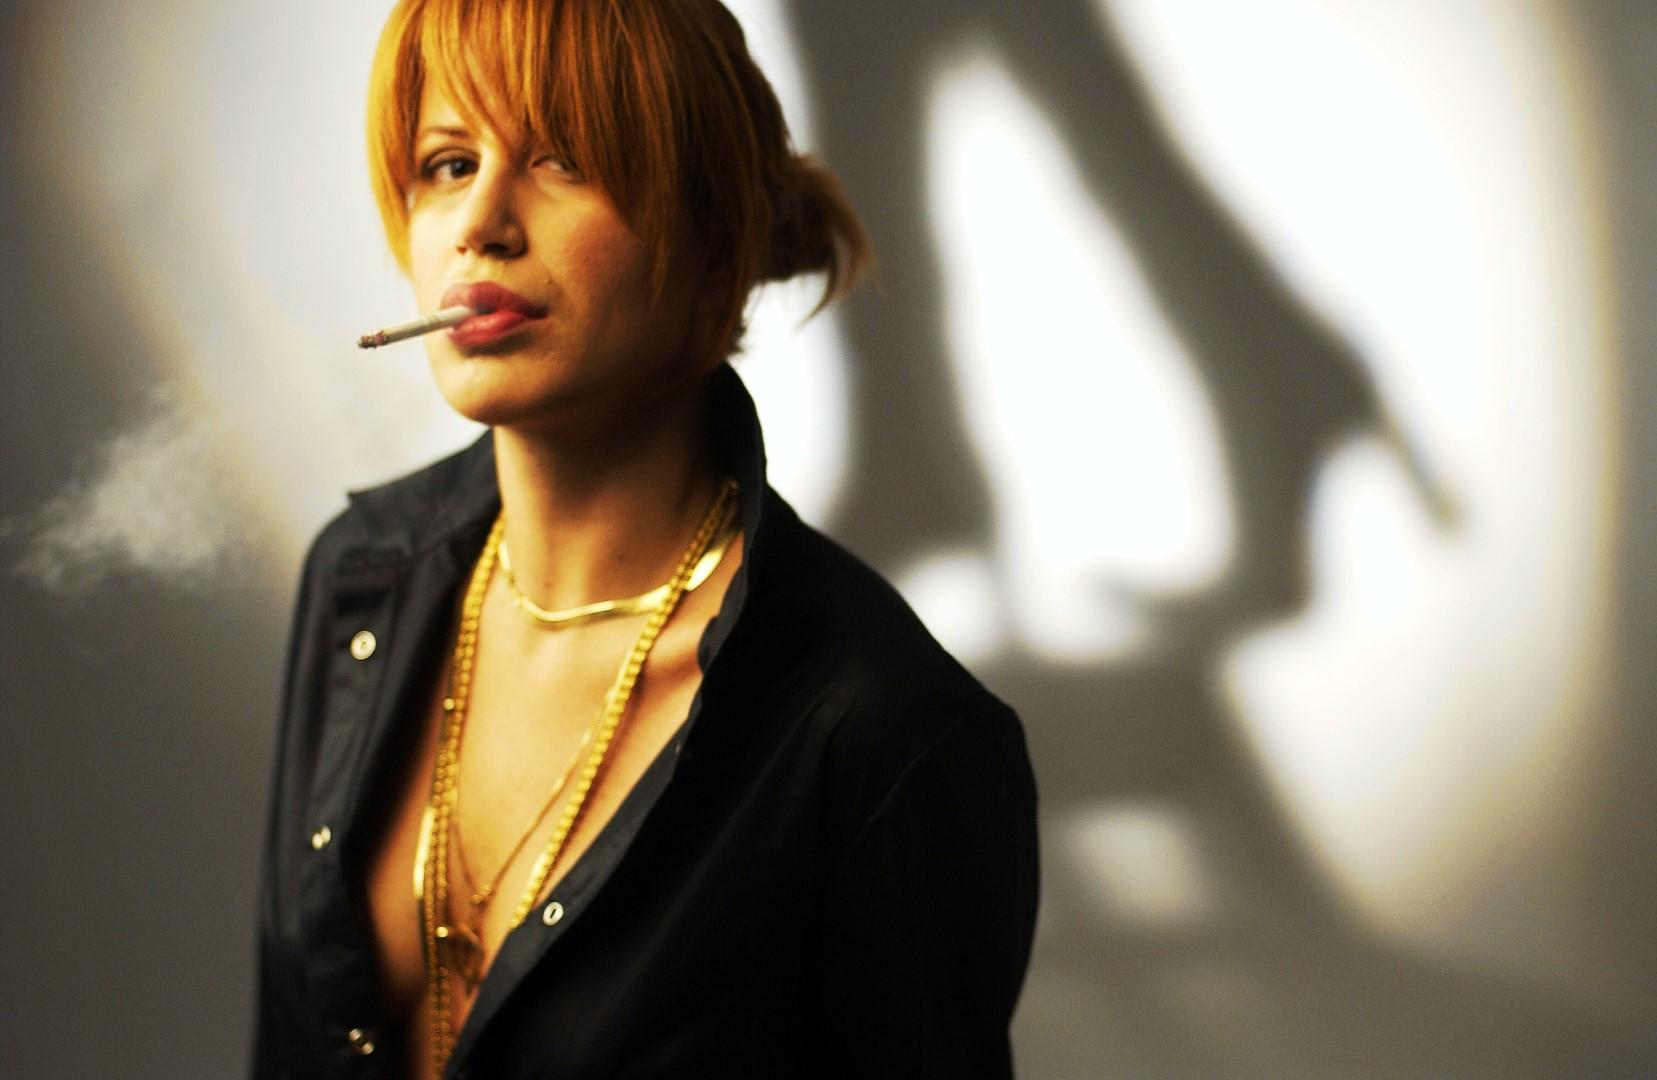 דורית בר-אור 2004